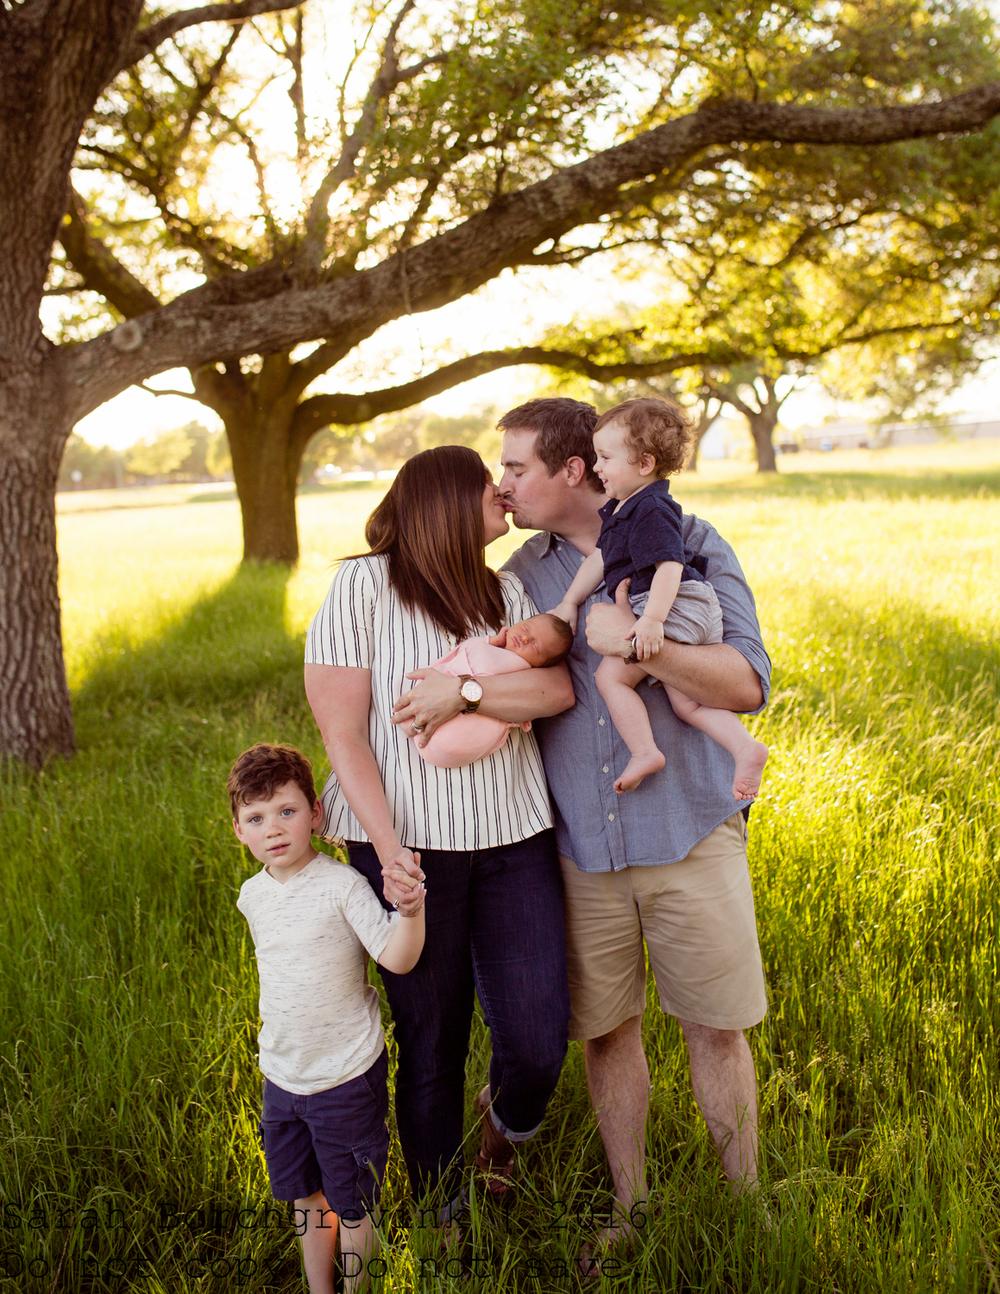 Family Photos Cypress TX 77429